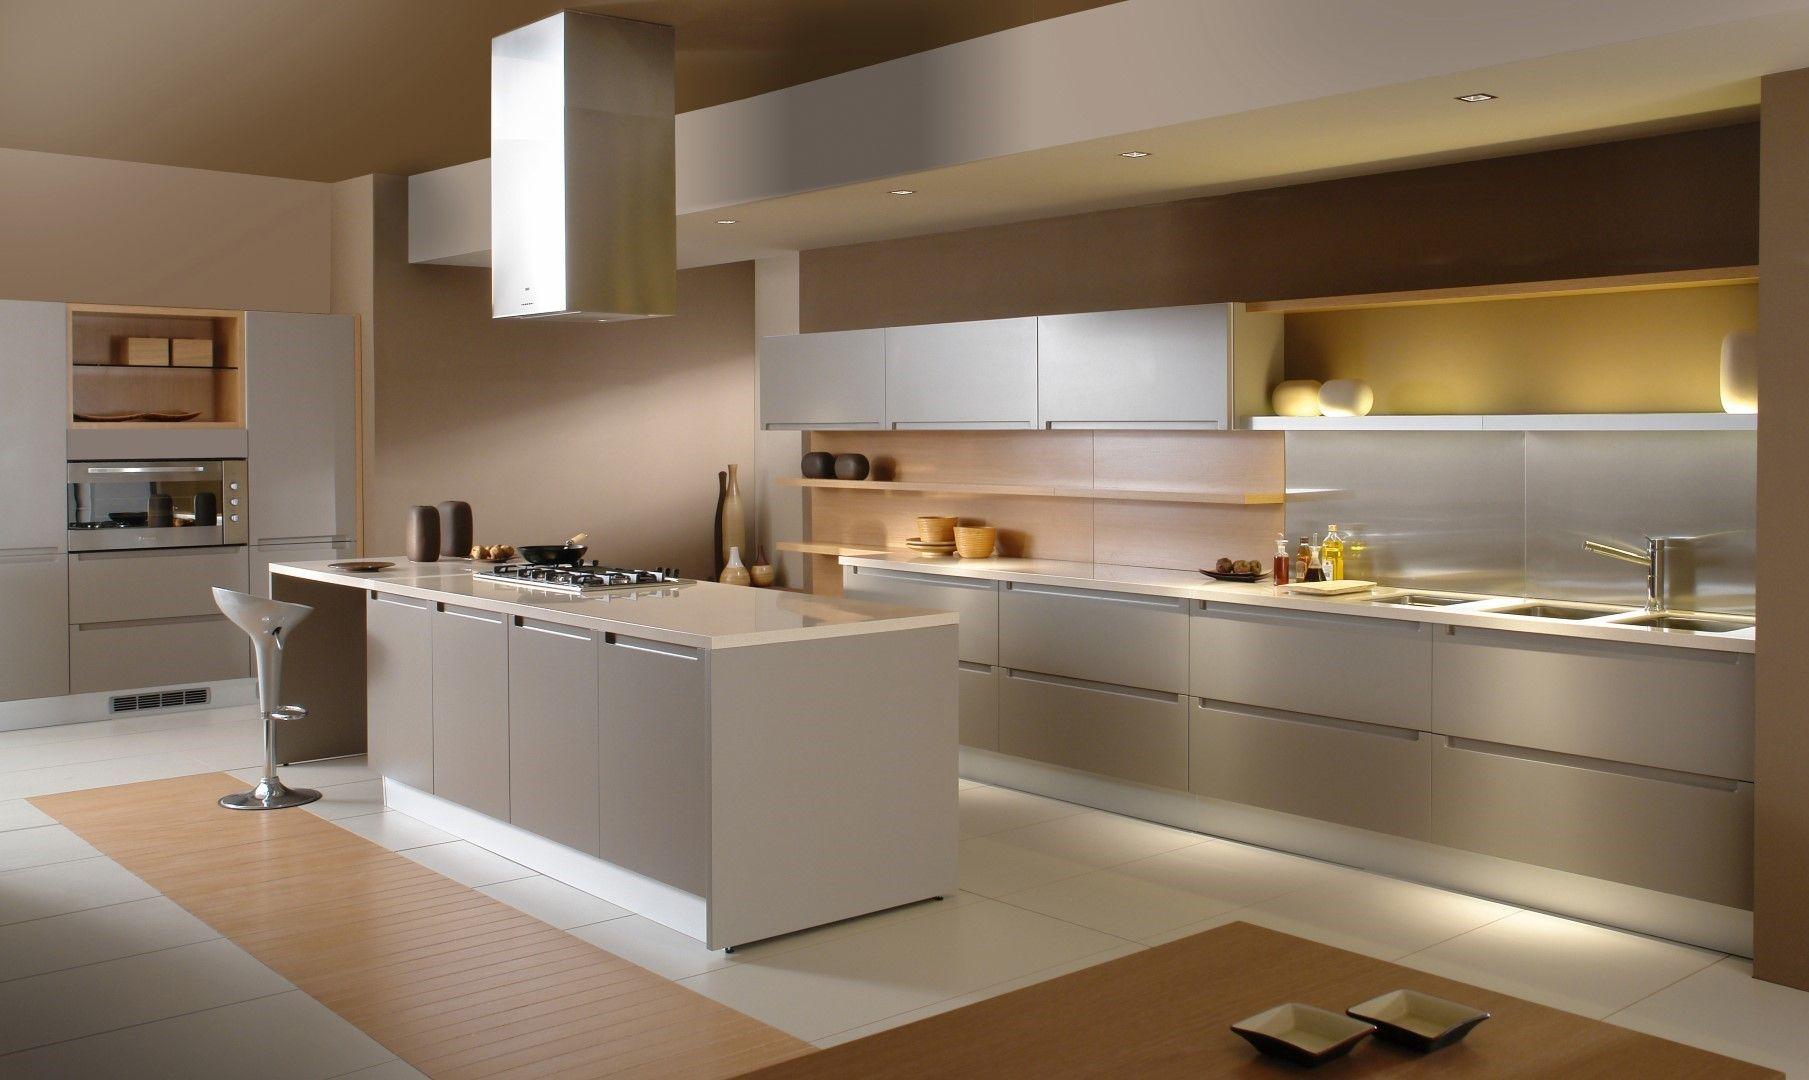 Una Propuesta Contempor Nea Para Satisfacer Exigencias De  # Muebles Sencillos Para Cocina